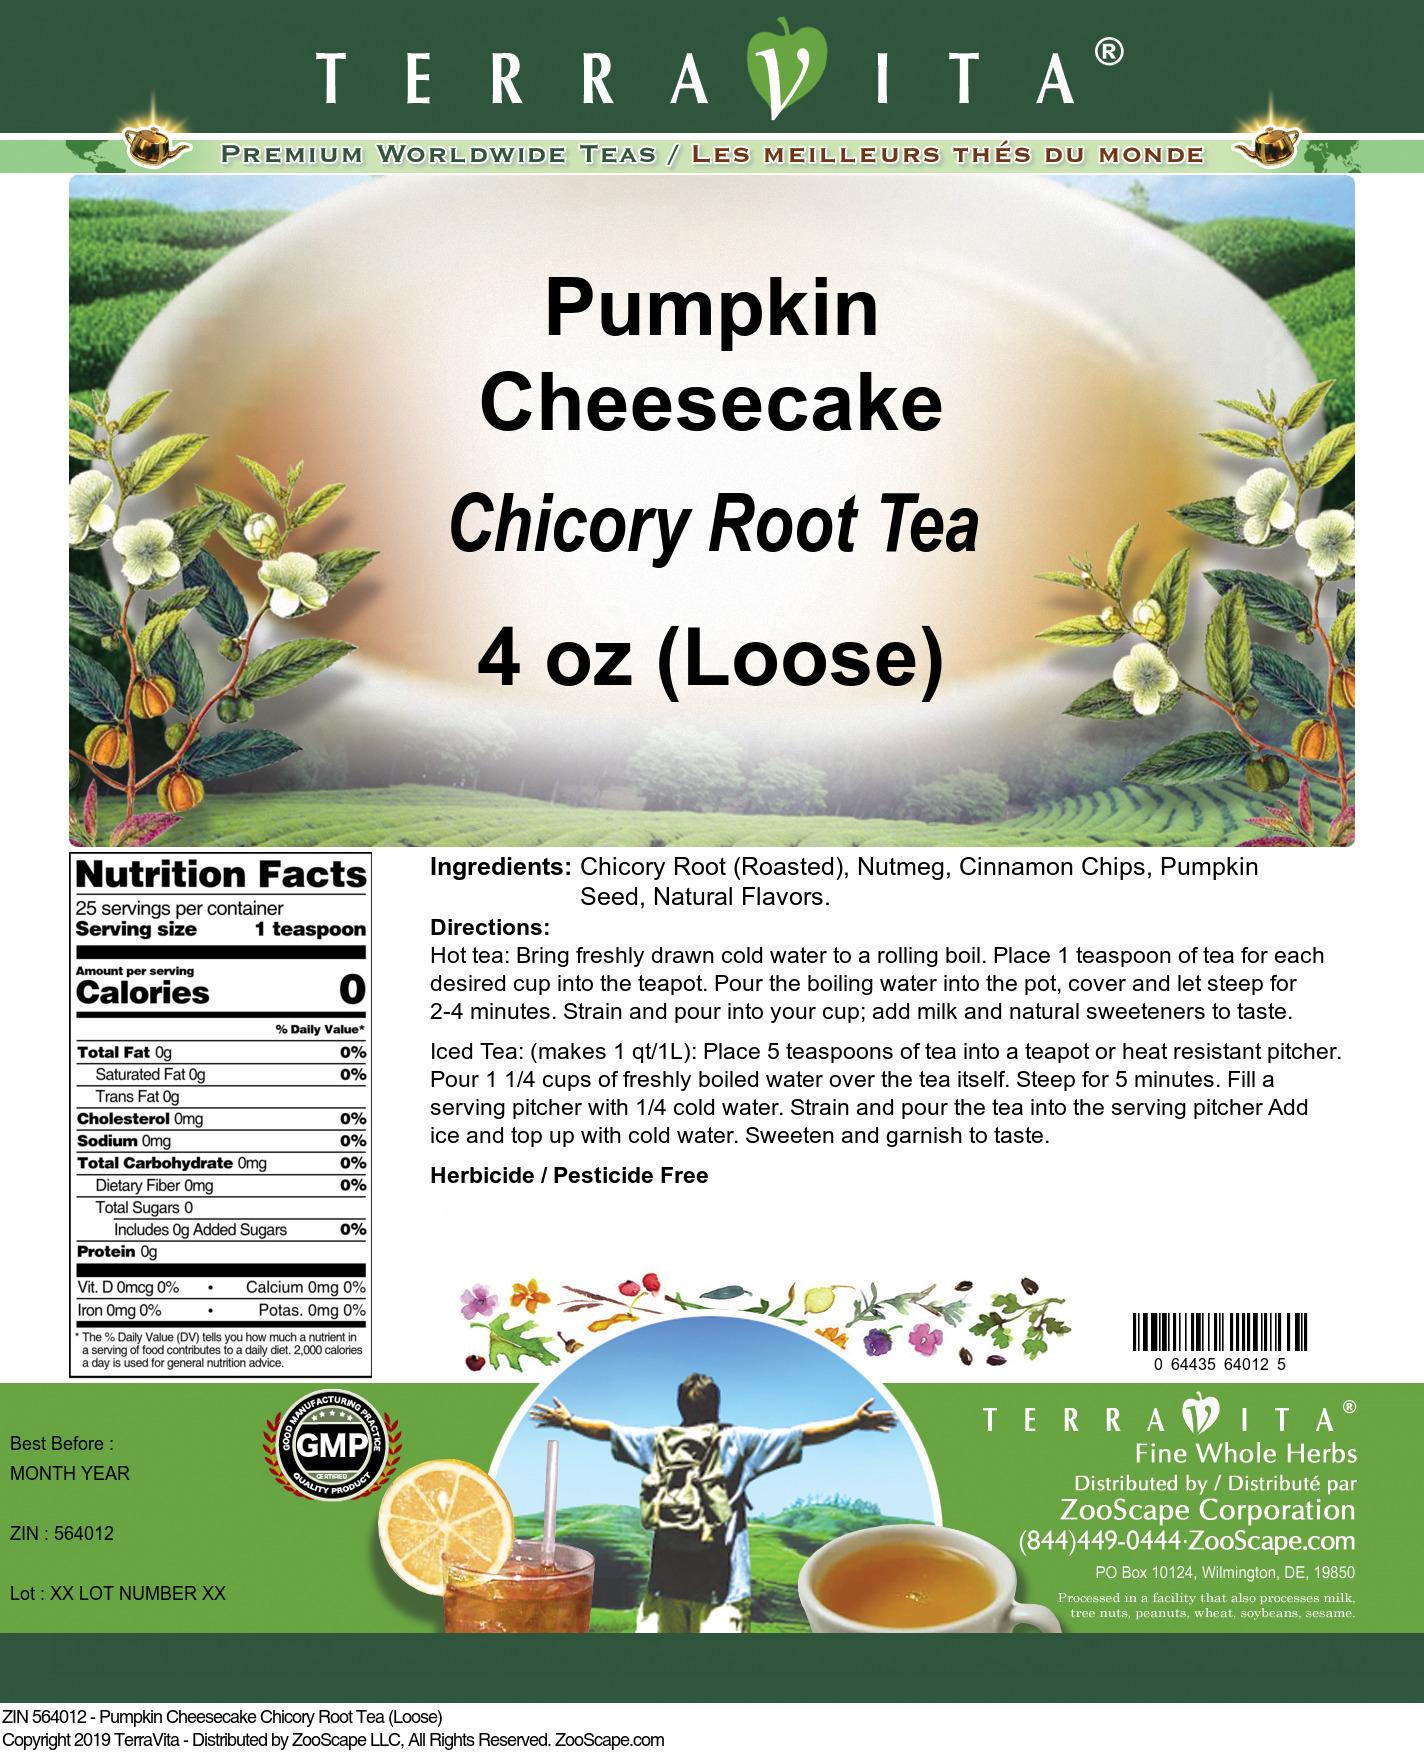 Pumpkin Cheesecake Chicory Root